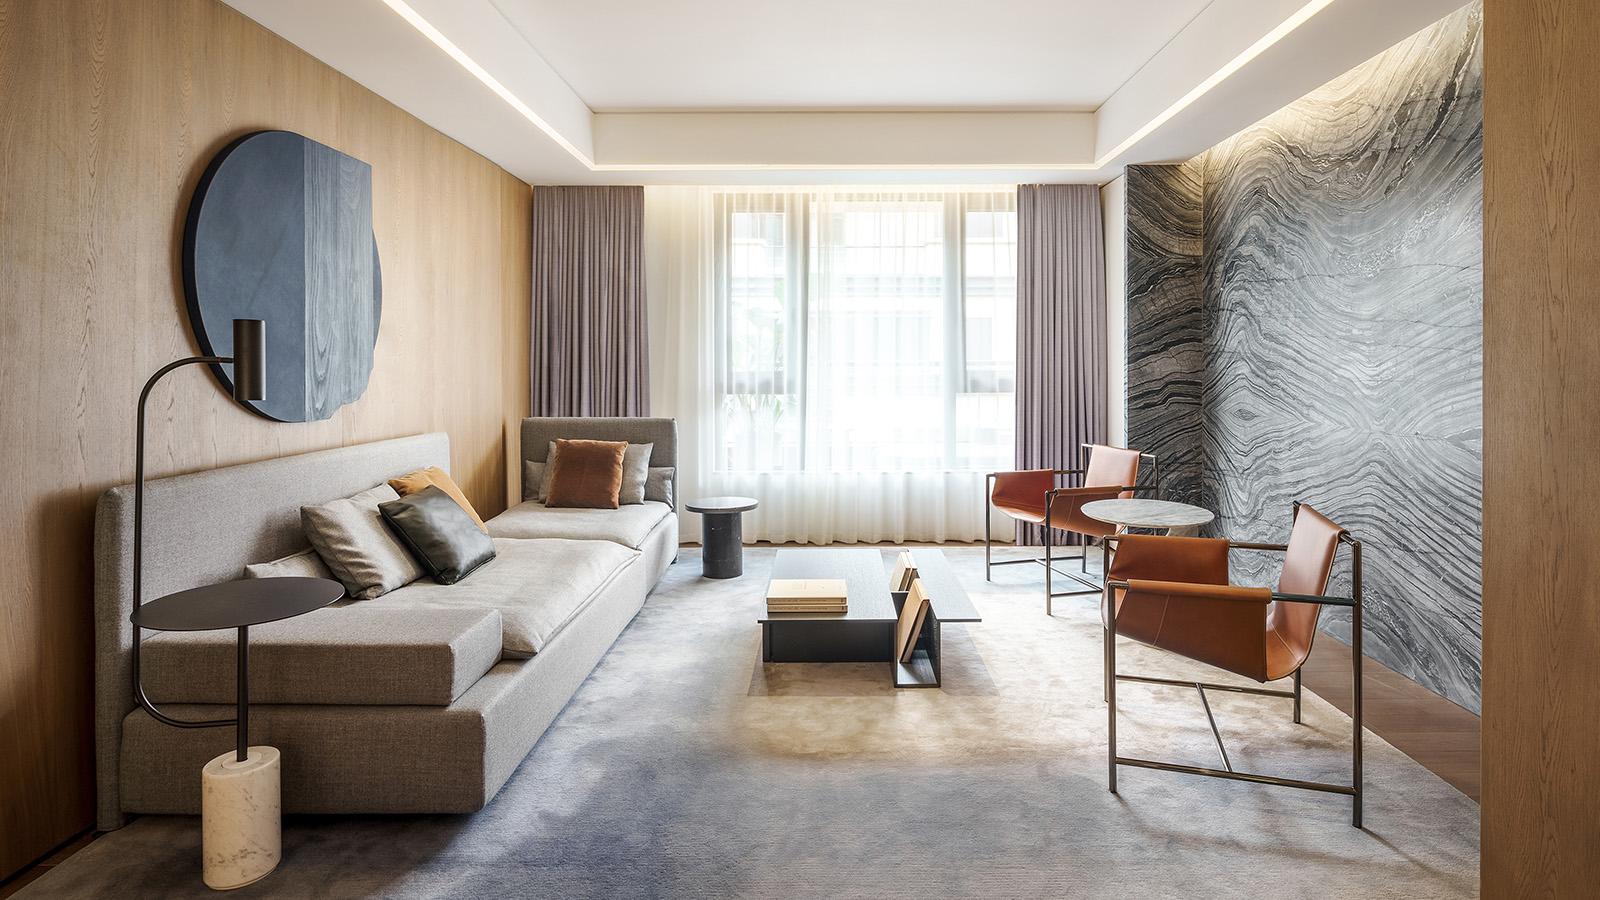 Divano E Tavolo Insieme come abbinare e disporre i divani in salotto: esempi pratici